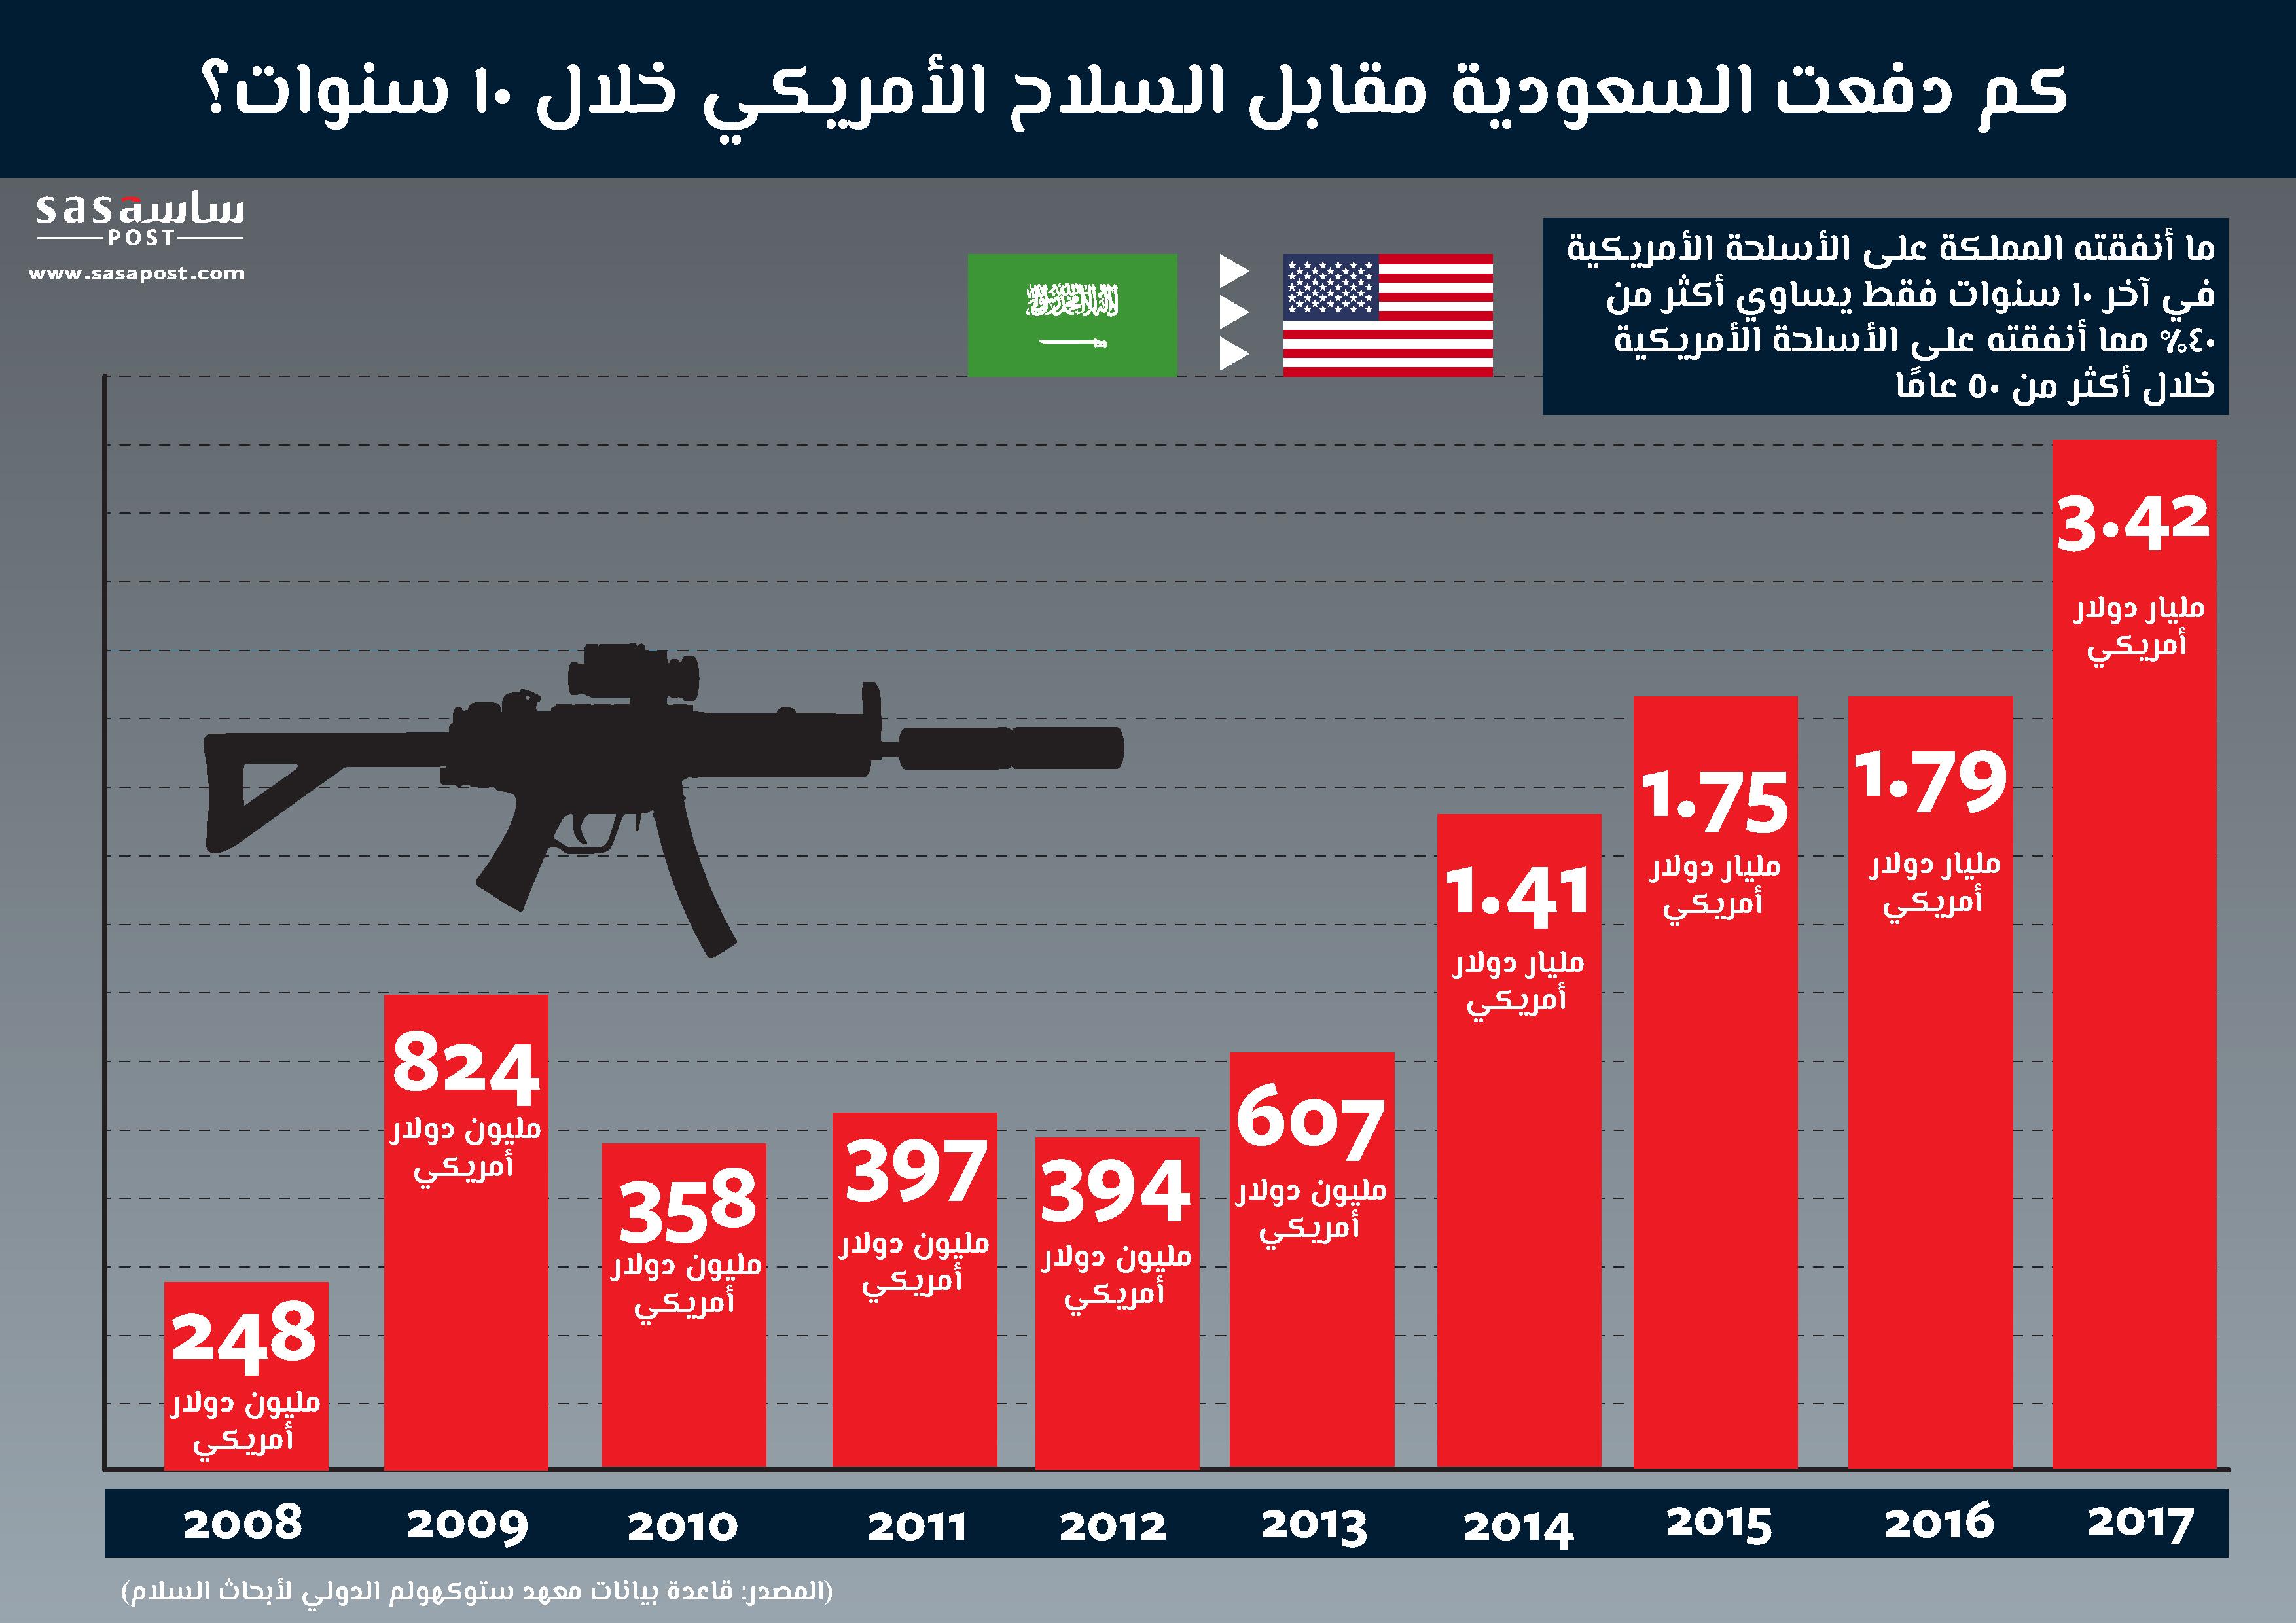 انفوجراف: كم دفعت السعودية مقابل السلاح الأمريكي في آخر 10 سنوات؟